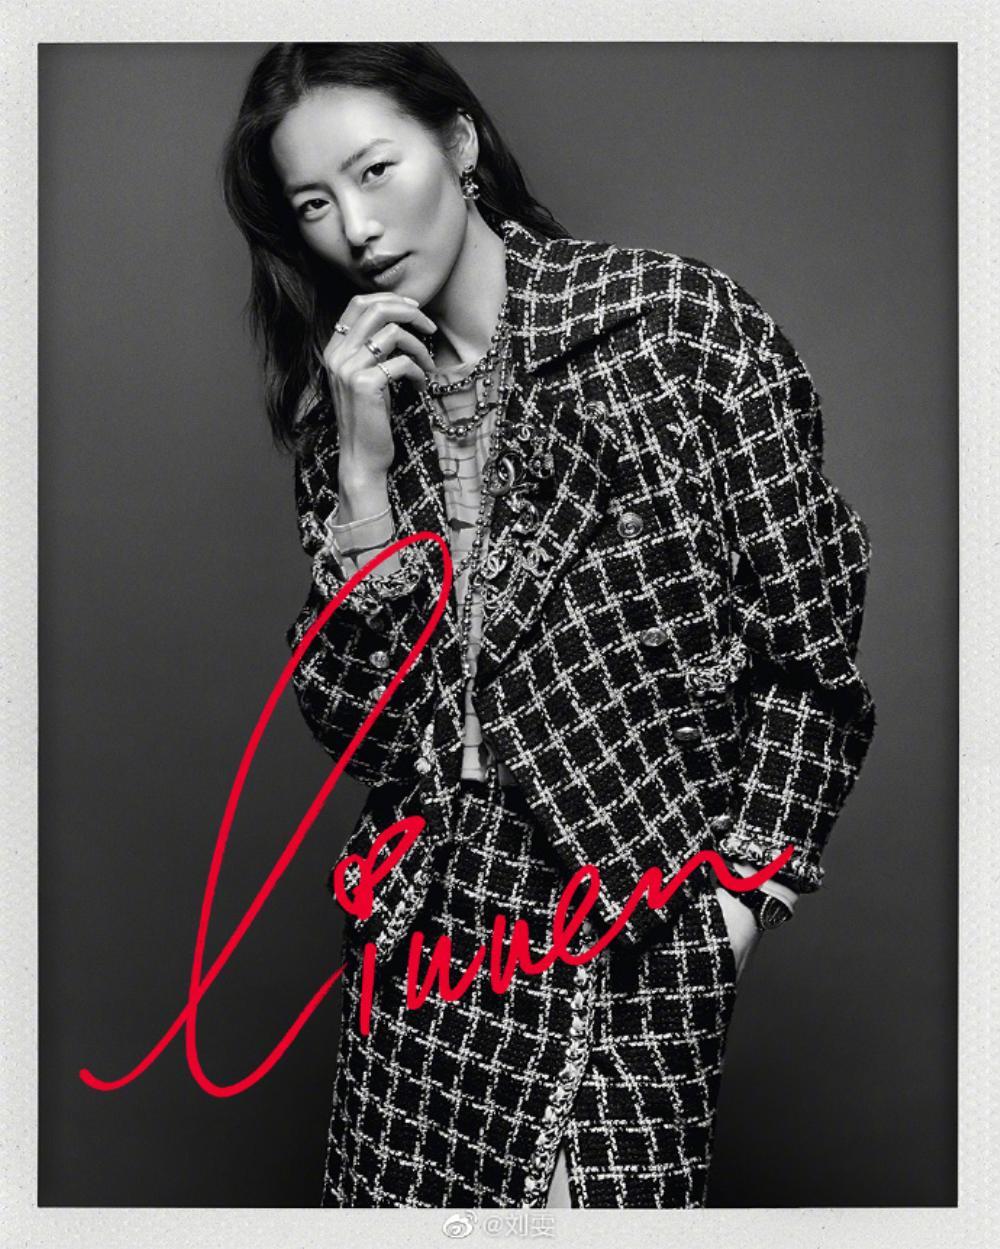 Dù phá dáng hàng hiệu, Tống Thiến vẫn dự show Chanel cùng cặp đôi vàng G-Dragon & Jennie Ảnh 3